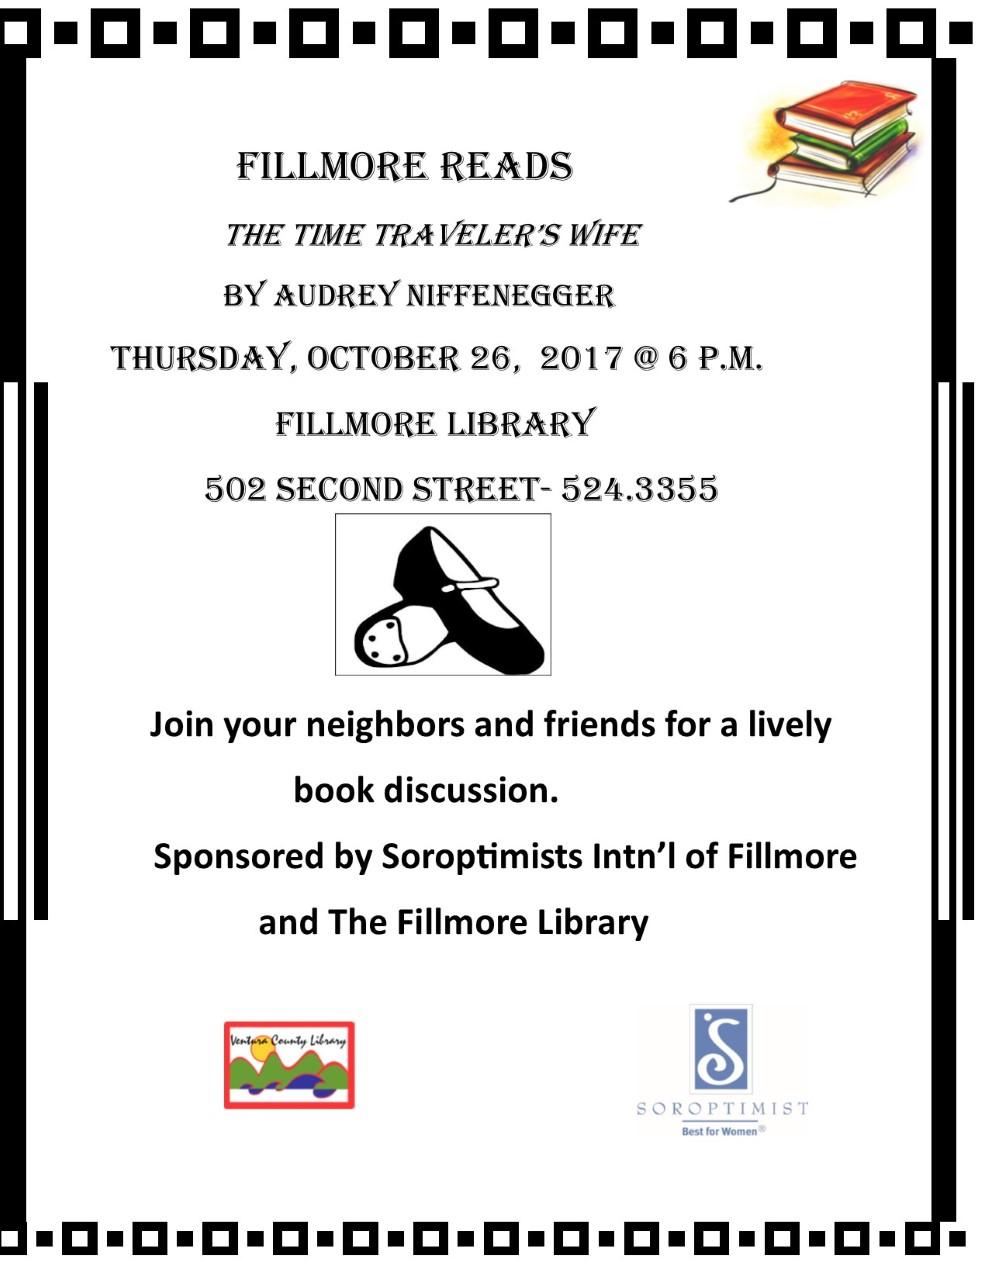 Thurs Oct 26, 2017Fillmore Reads The Time Traveler's Wife.jpg